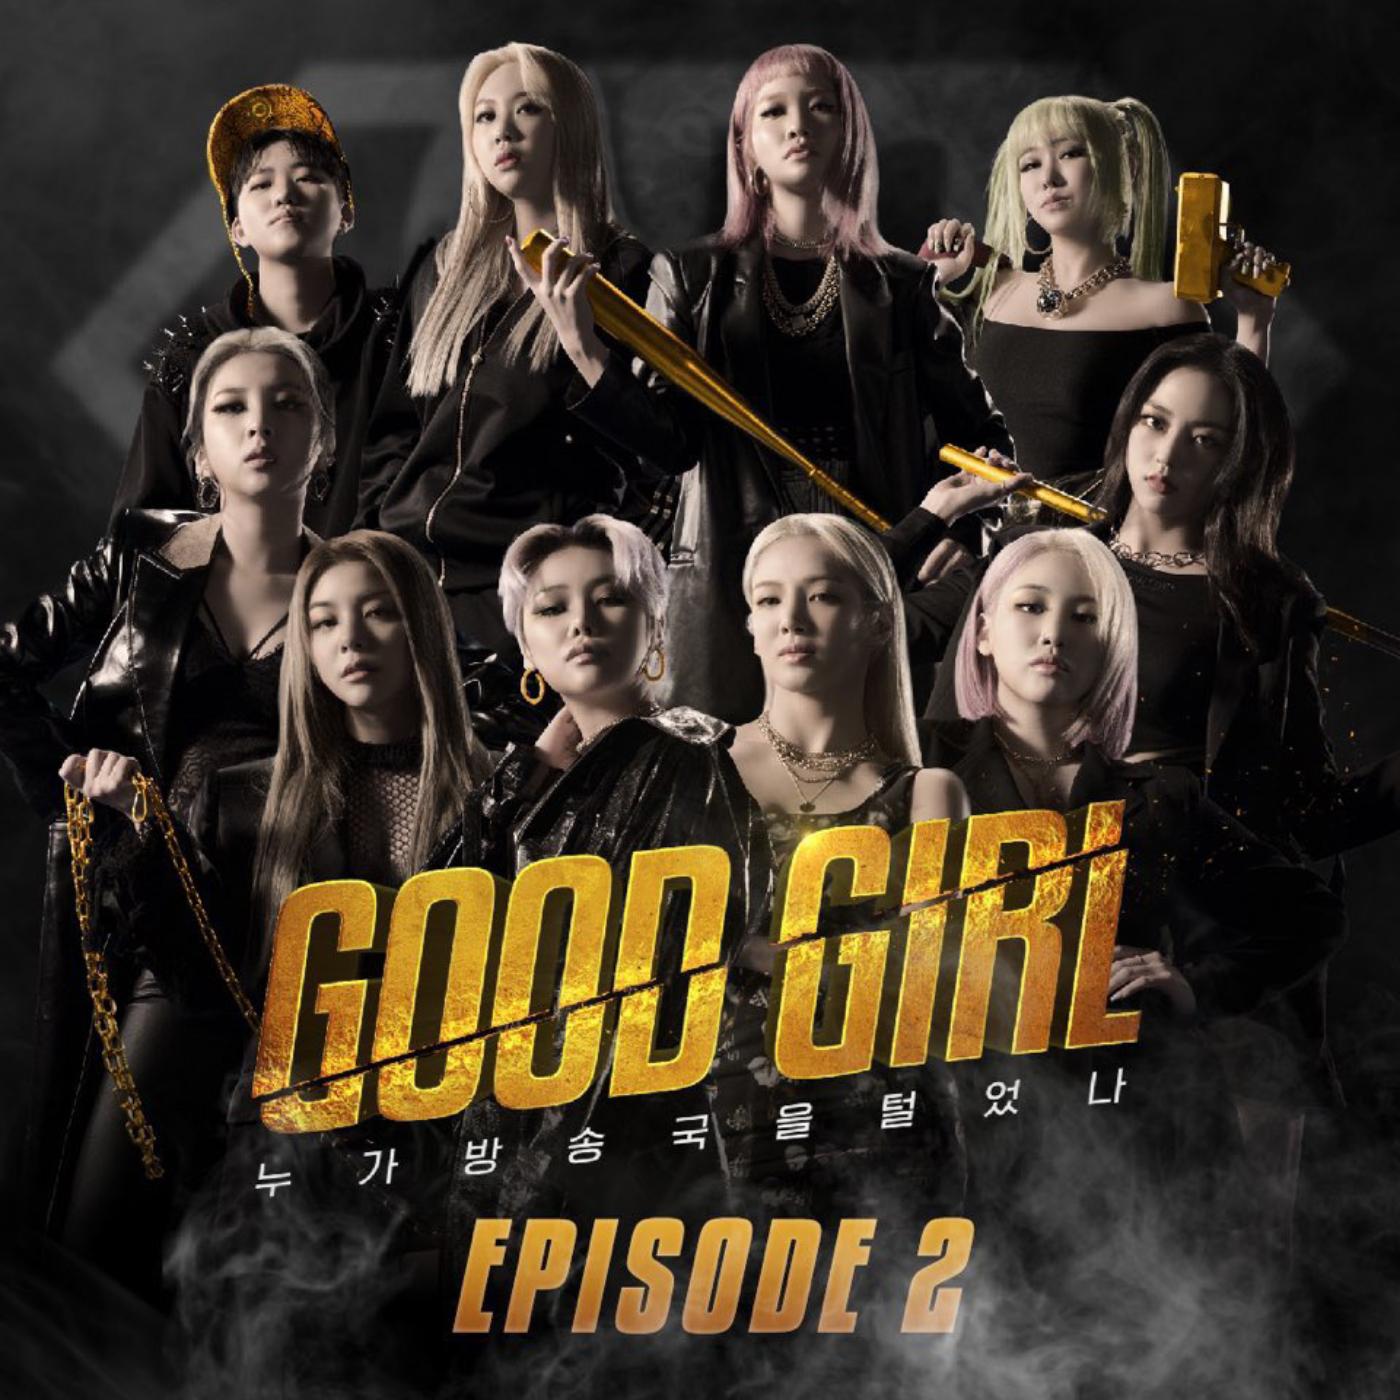 Good Girl Episode 2